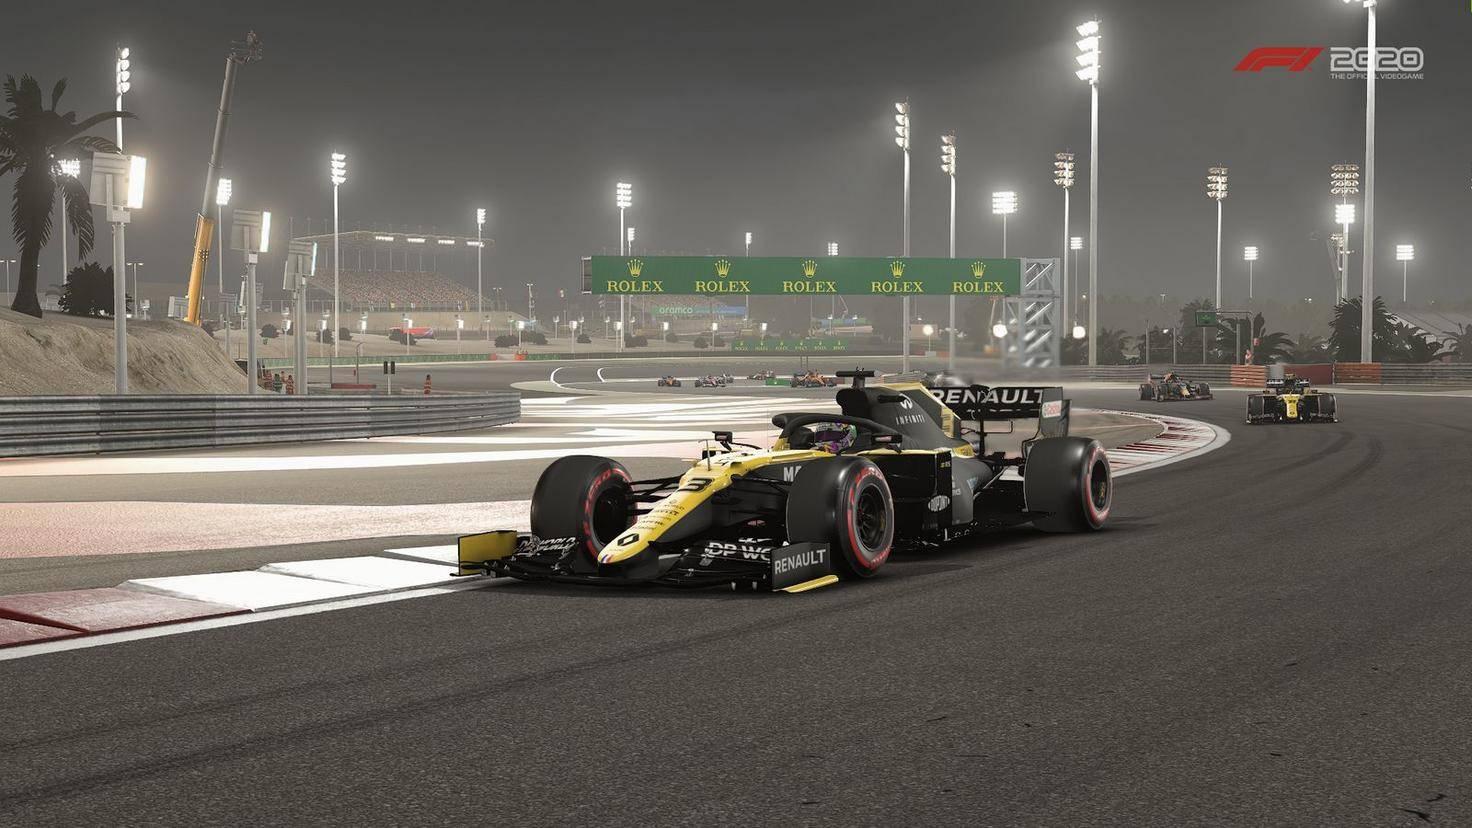 F1_2020_Screenshot_05